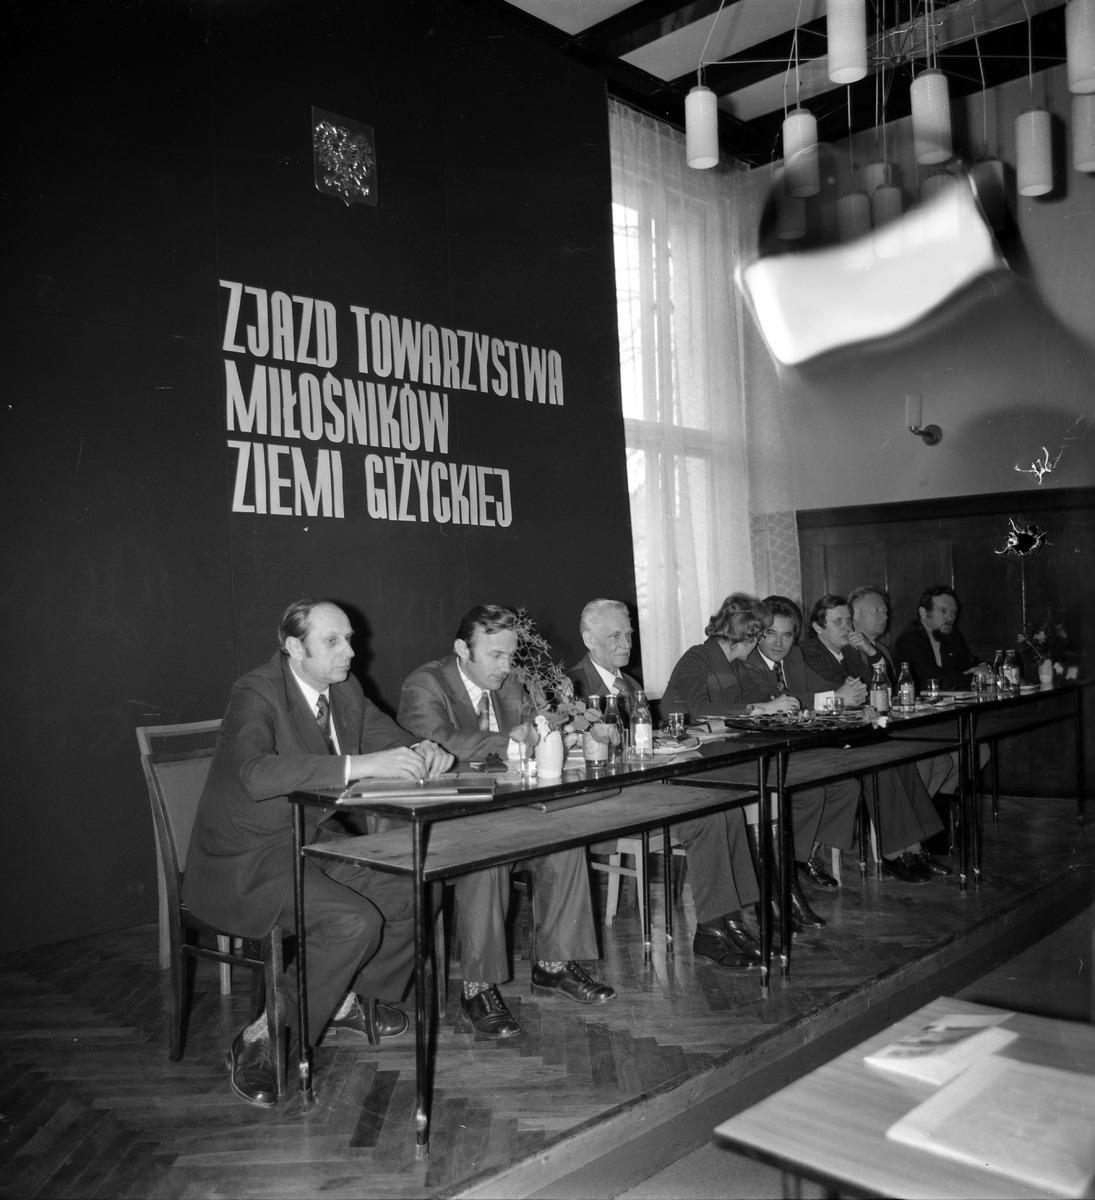 Zjazd Towarzystwa Miłośników Ziemi Giżyckiej, 1976 r. [6]